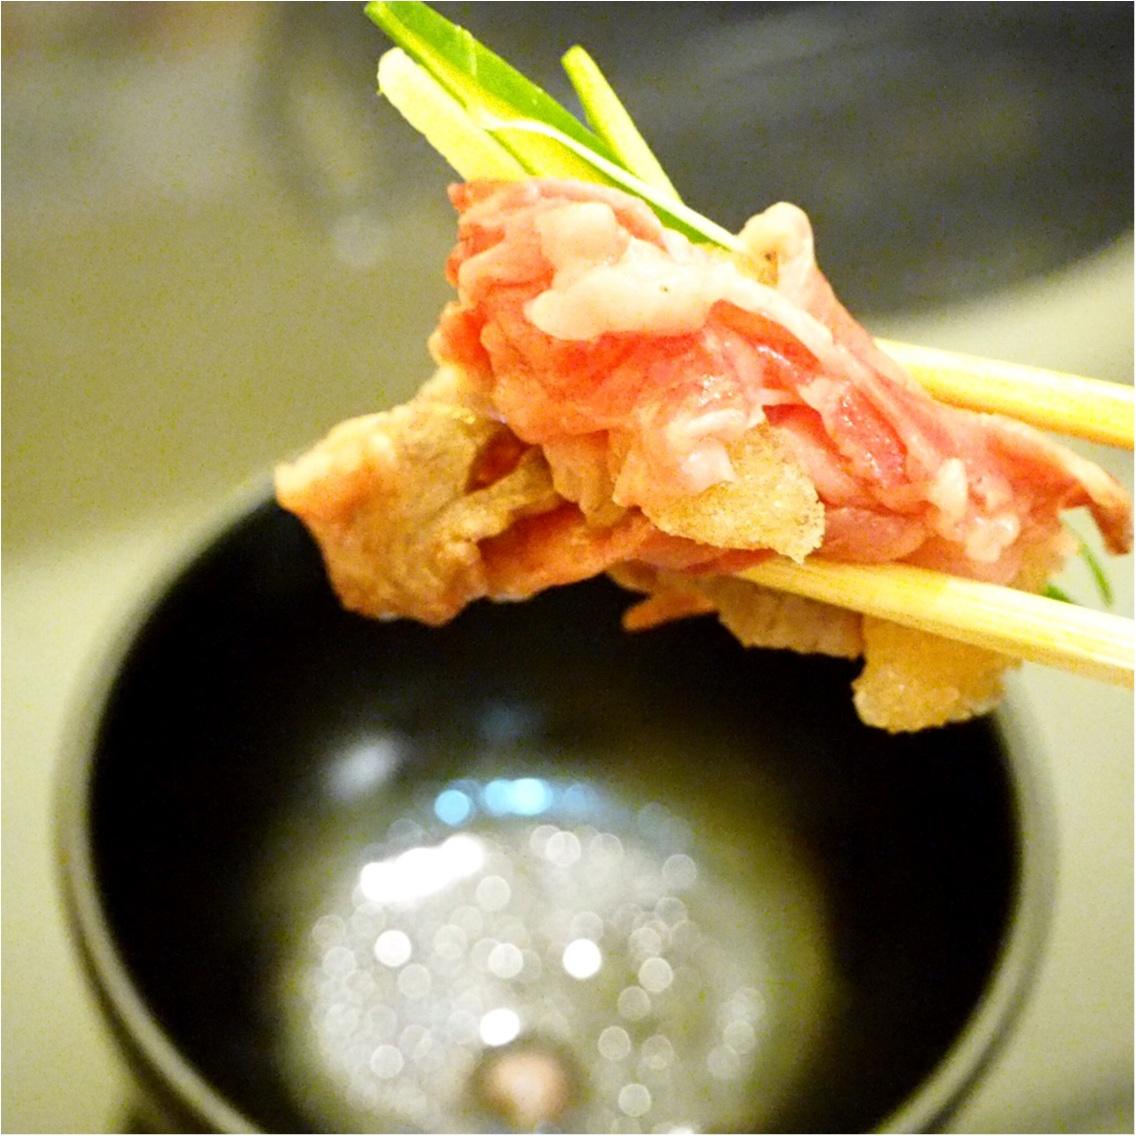 暑い夏こそ食べなきゃ♡塩すき鍋は特製の氷ダレをのせてさっぱりとした味わい_8